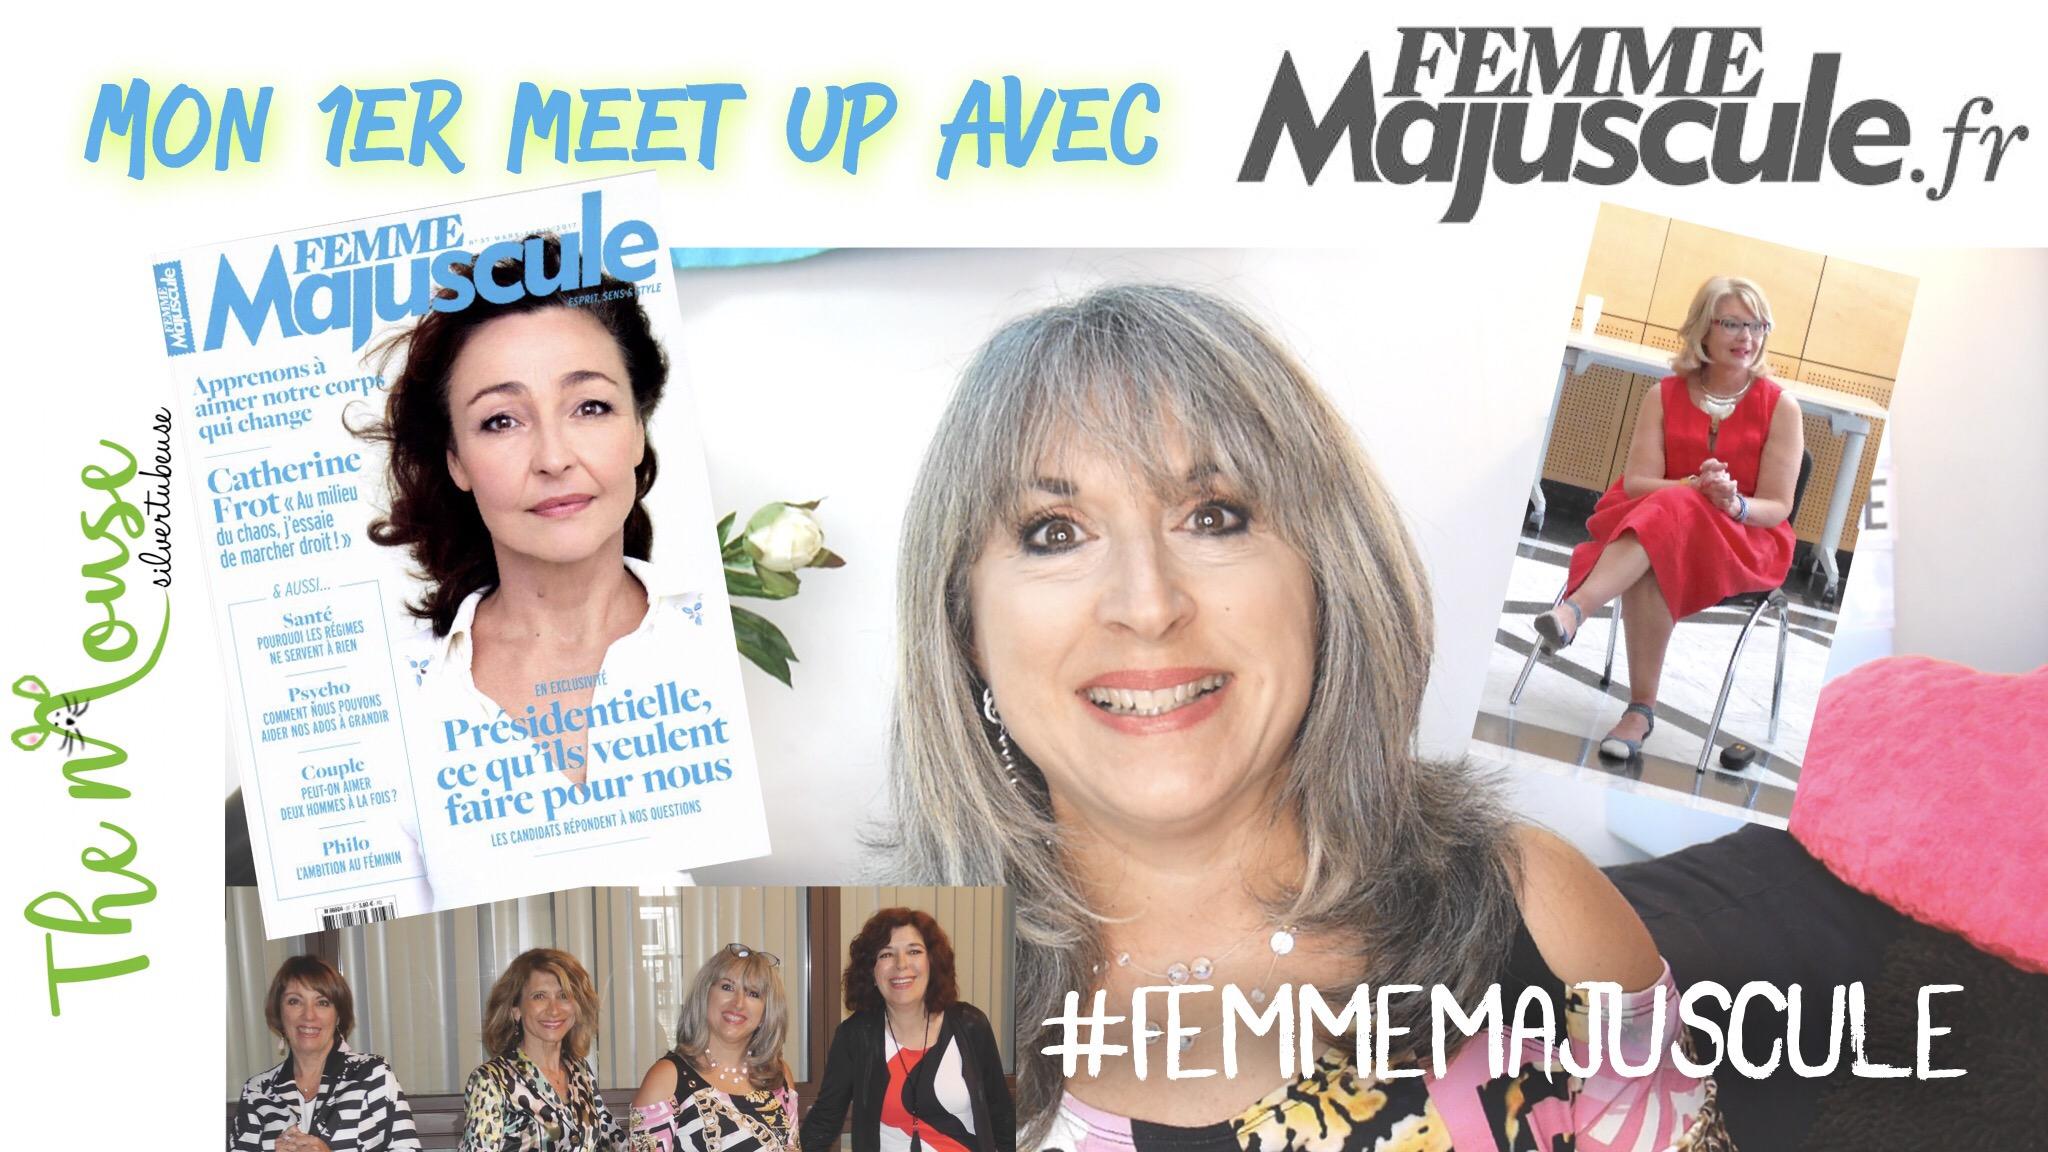 Mon 1er meet up avec Femme Majuscule, Nicole Tonnelle, mes blopines… et #hashtagetmajuscule !